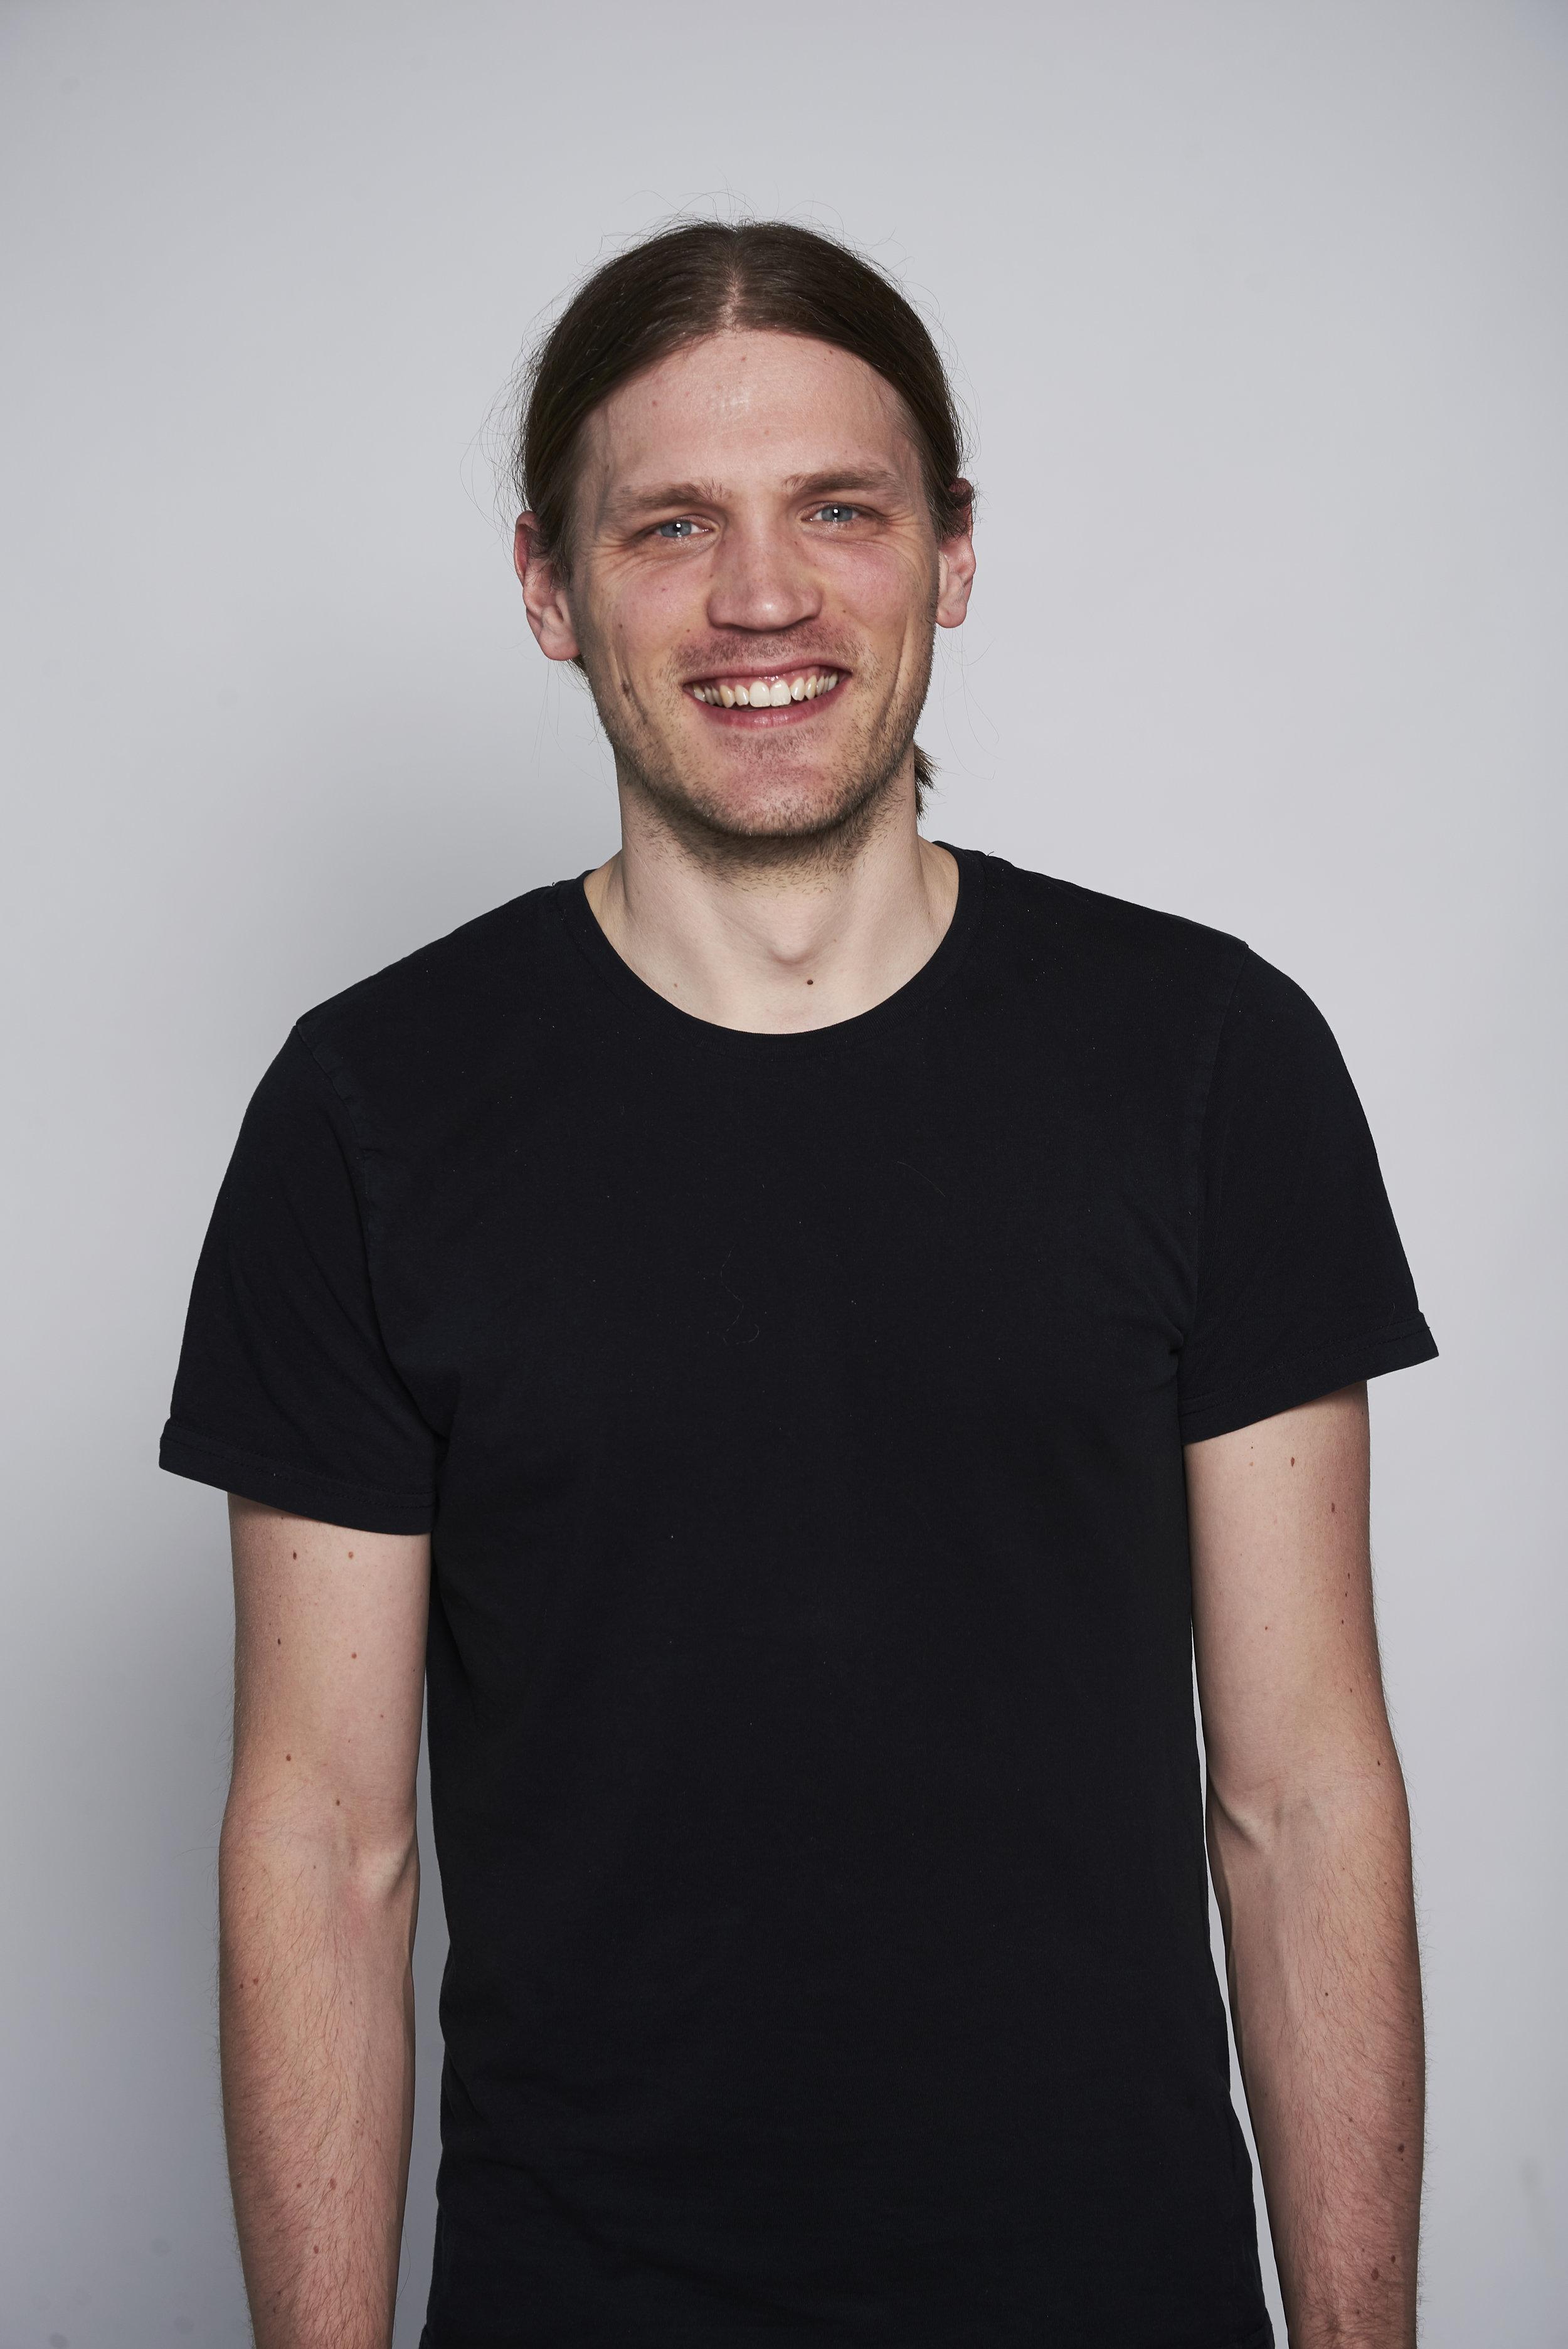 Copy of <strong>Jesper Jonsson</strong><br>Industrial & Interaction Designer<br>jesper@above.se<br>+46 737 206 005